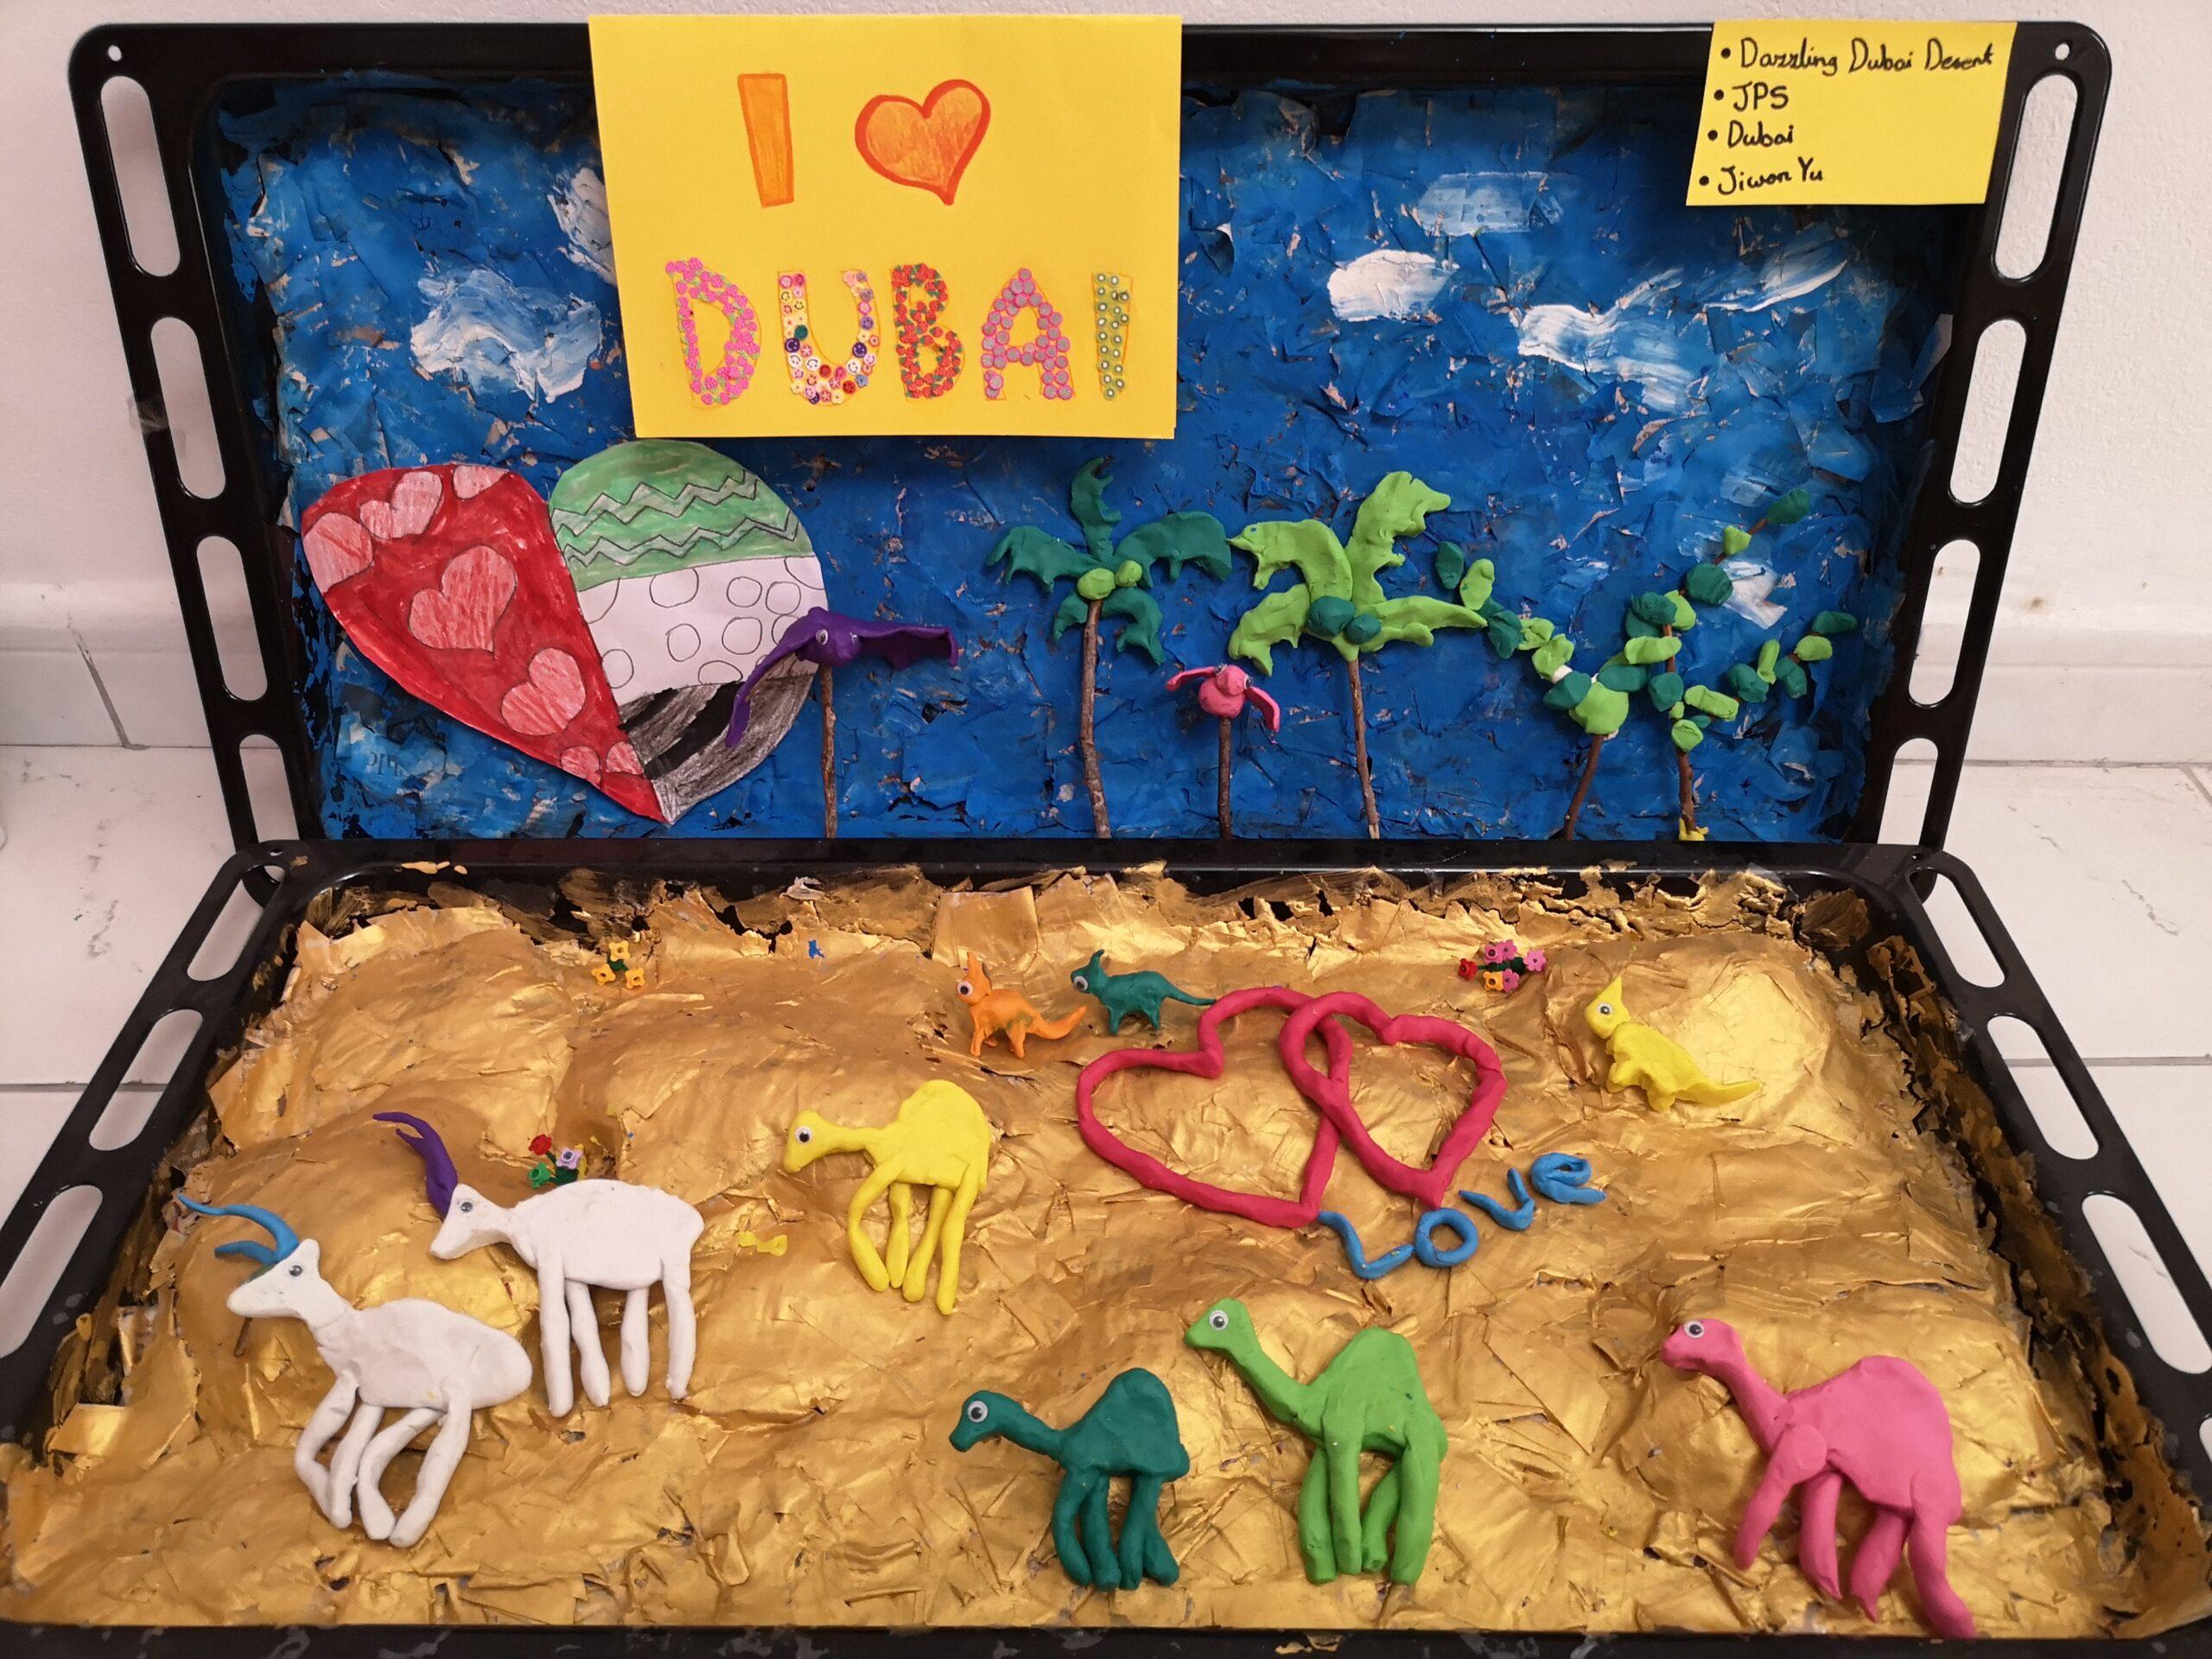 Dazzling Dubai Desert by Jiwon Yu